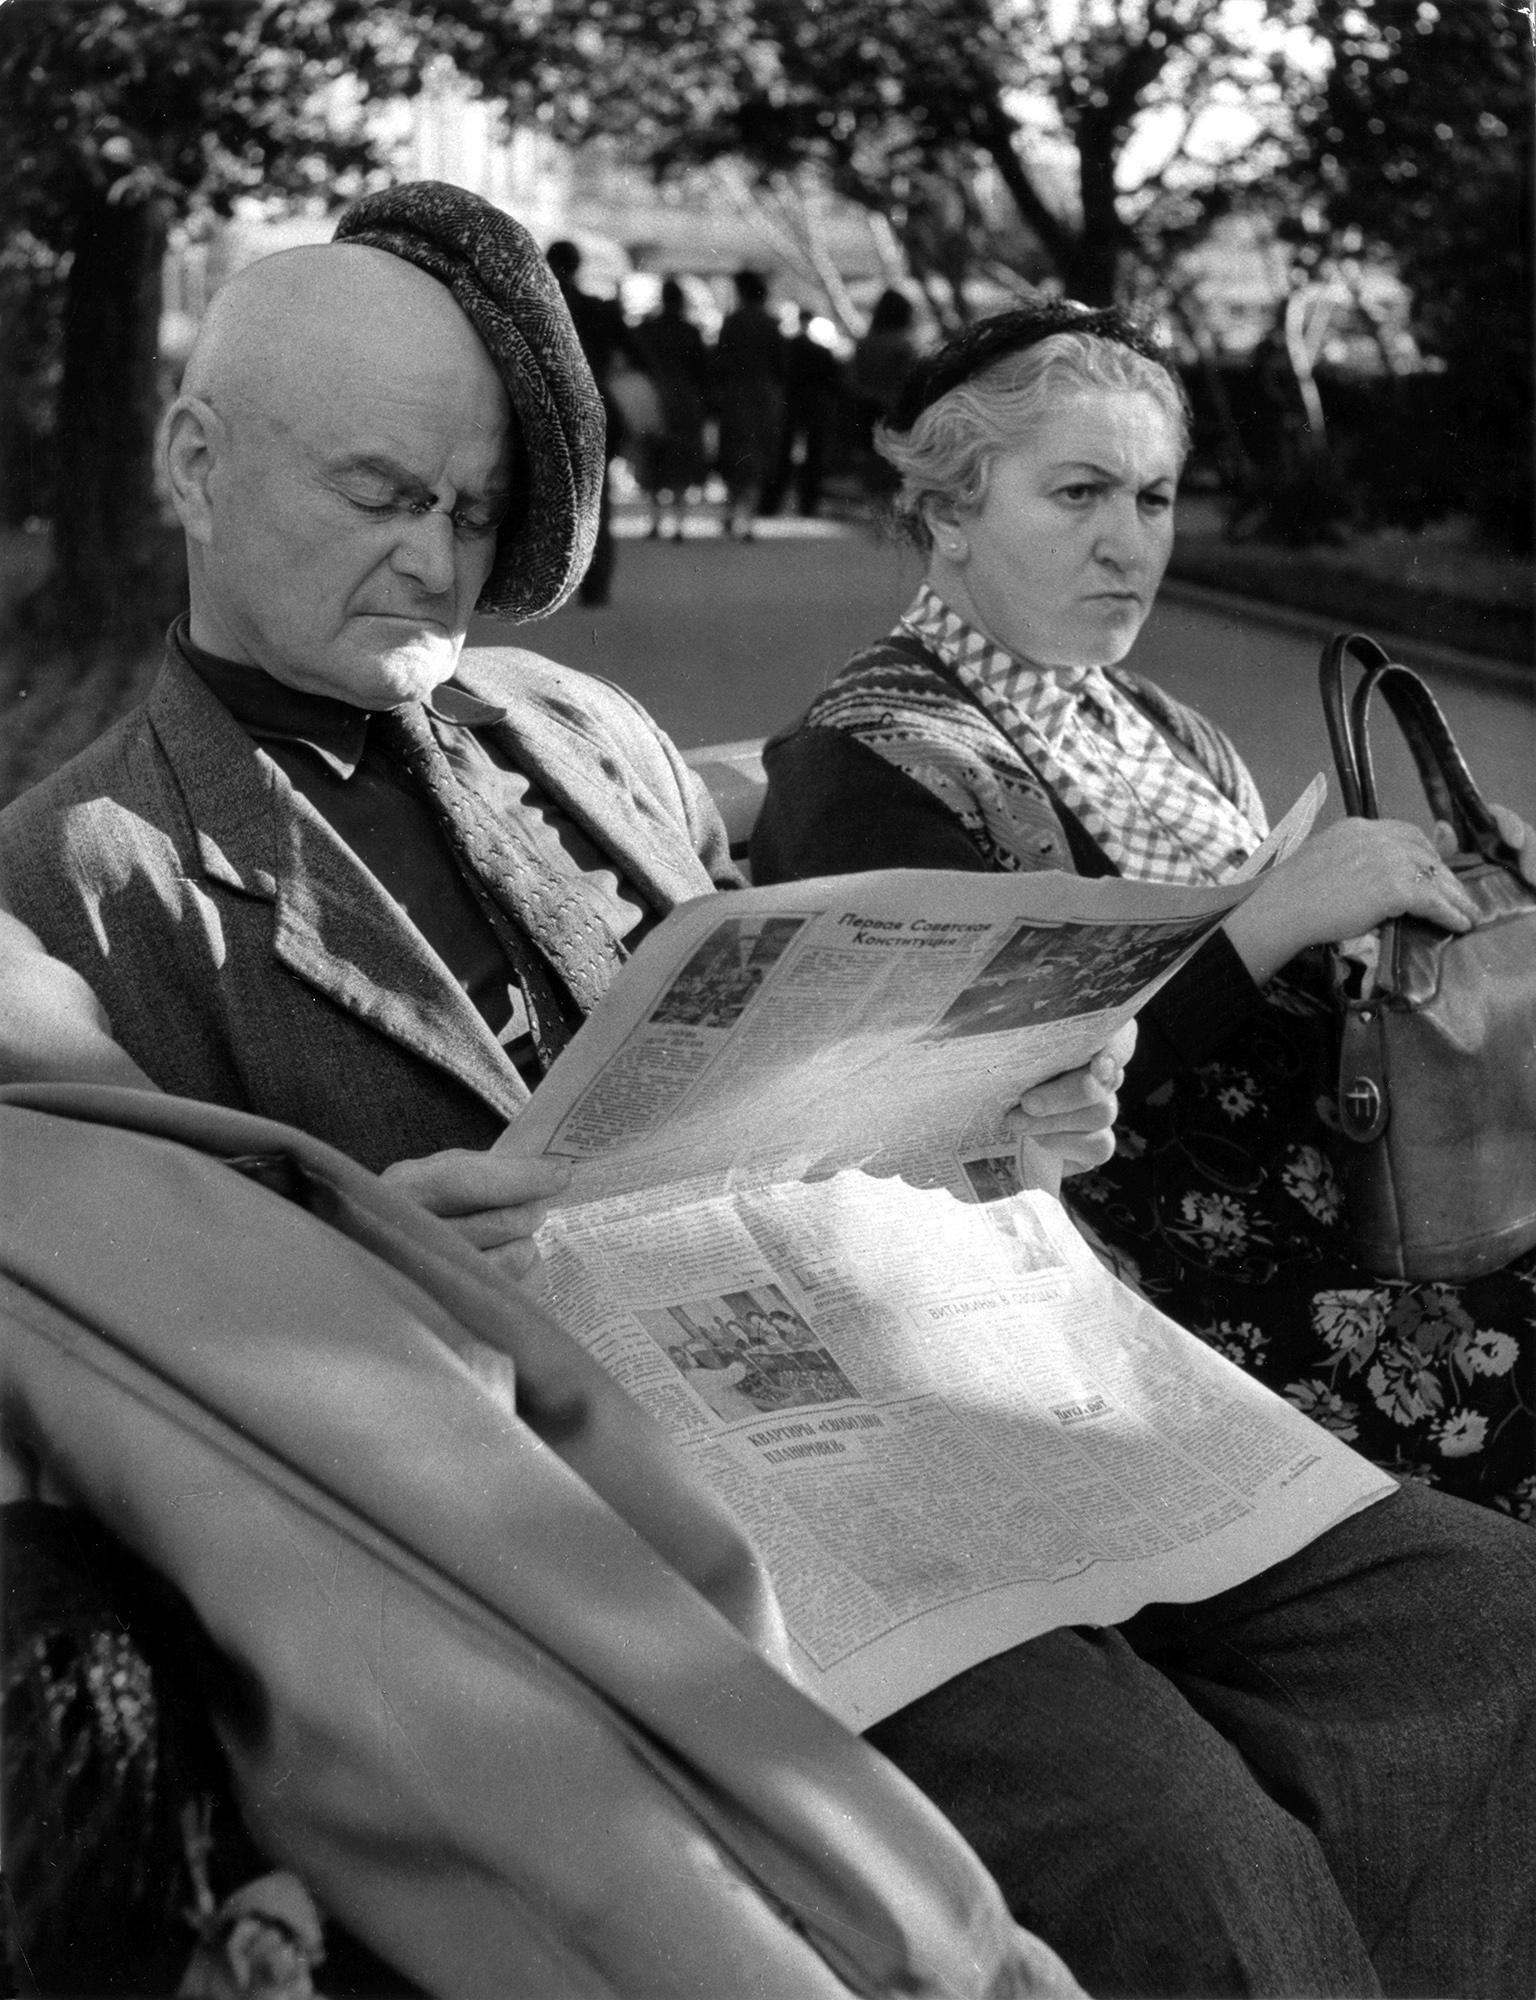 Fotó: Vadas Ernő: Muszáj mindig újságot olvasni? (Moszkva) (Idõs pár a padon), 1959 © Magyar Fotográfiai Múzeum